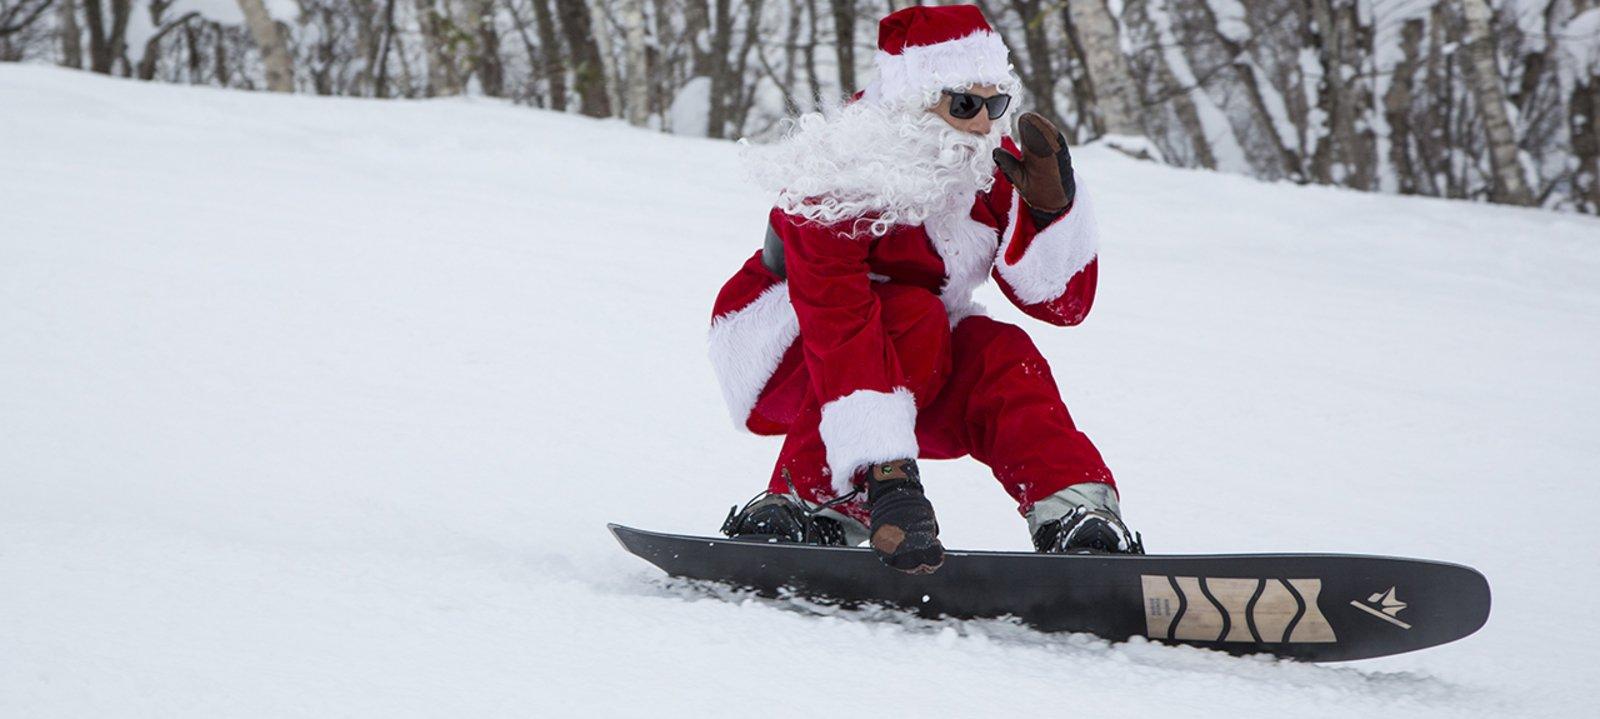 Last Minute December Specials